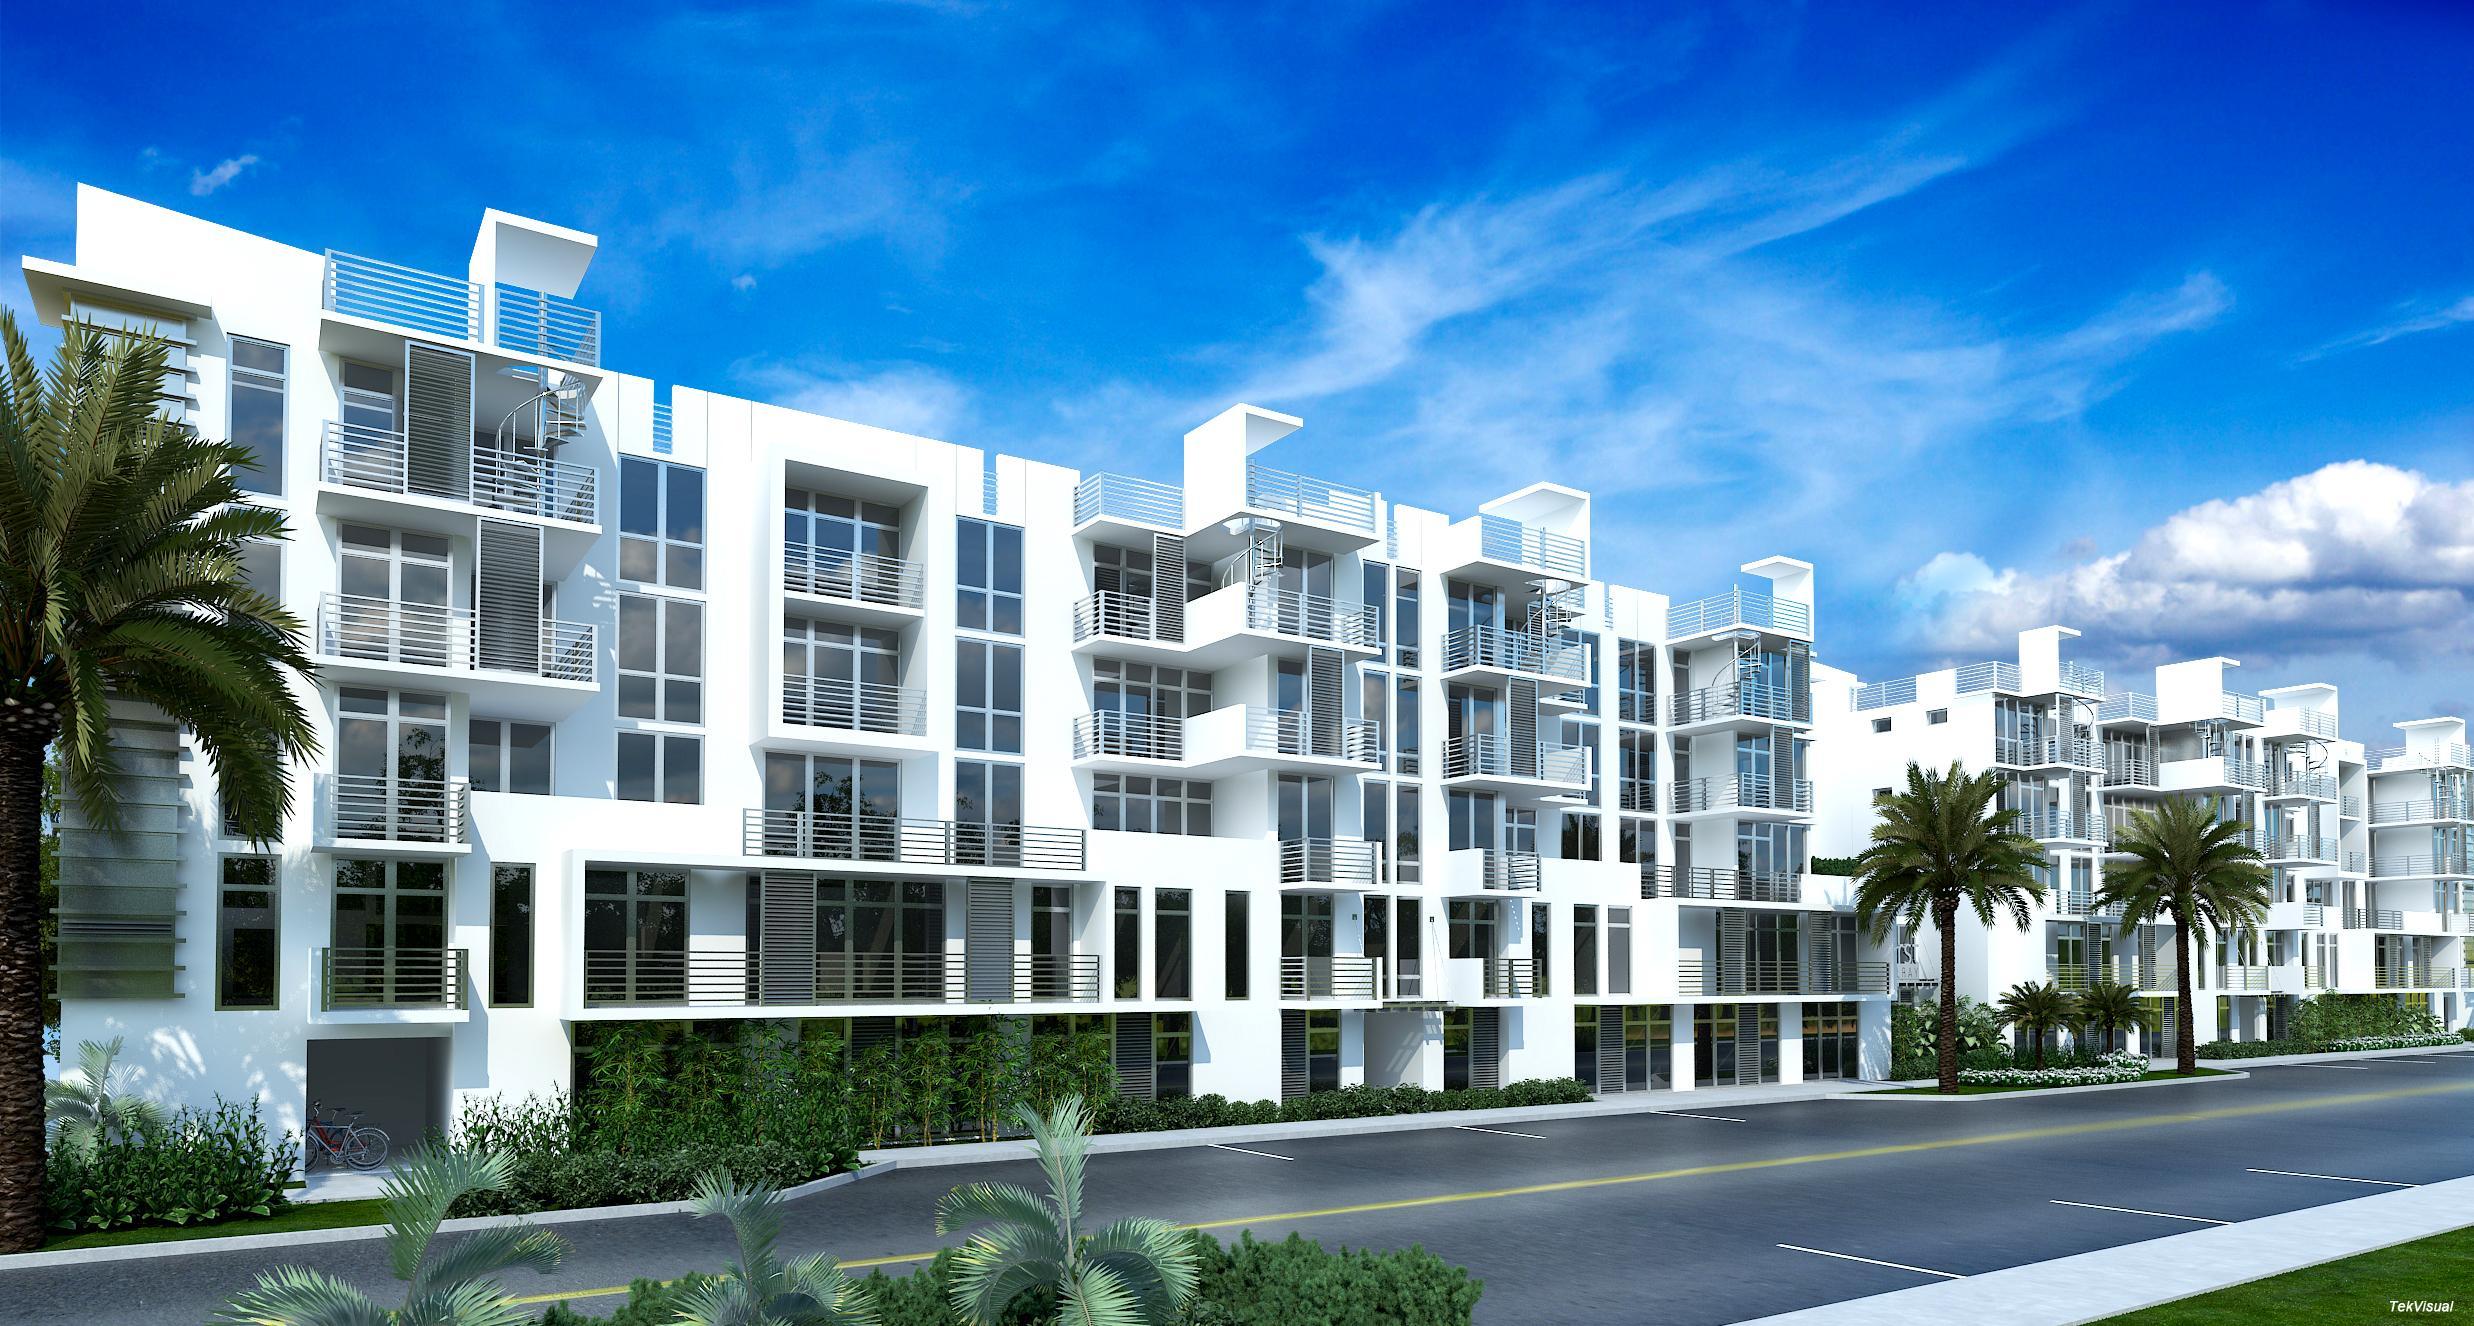 111 SE 1st Avenue 518  Delray Beach, FL 33444